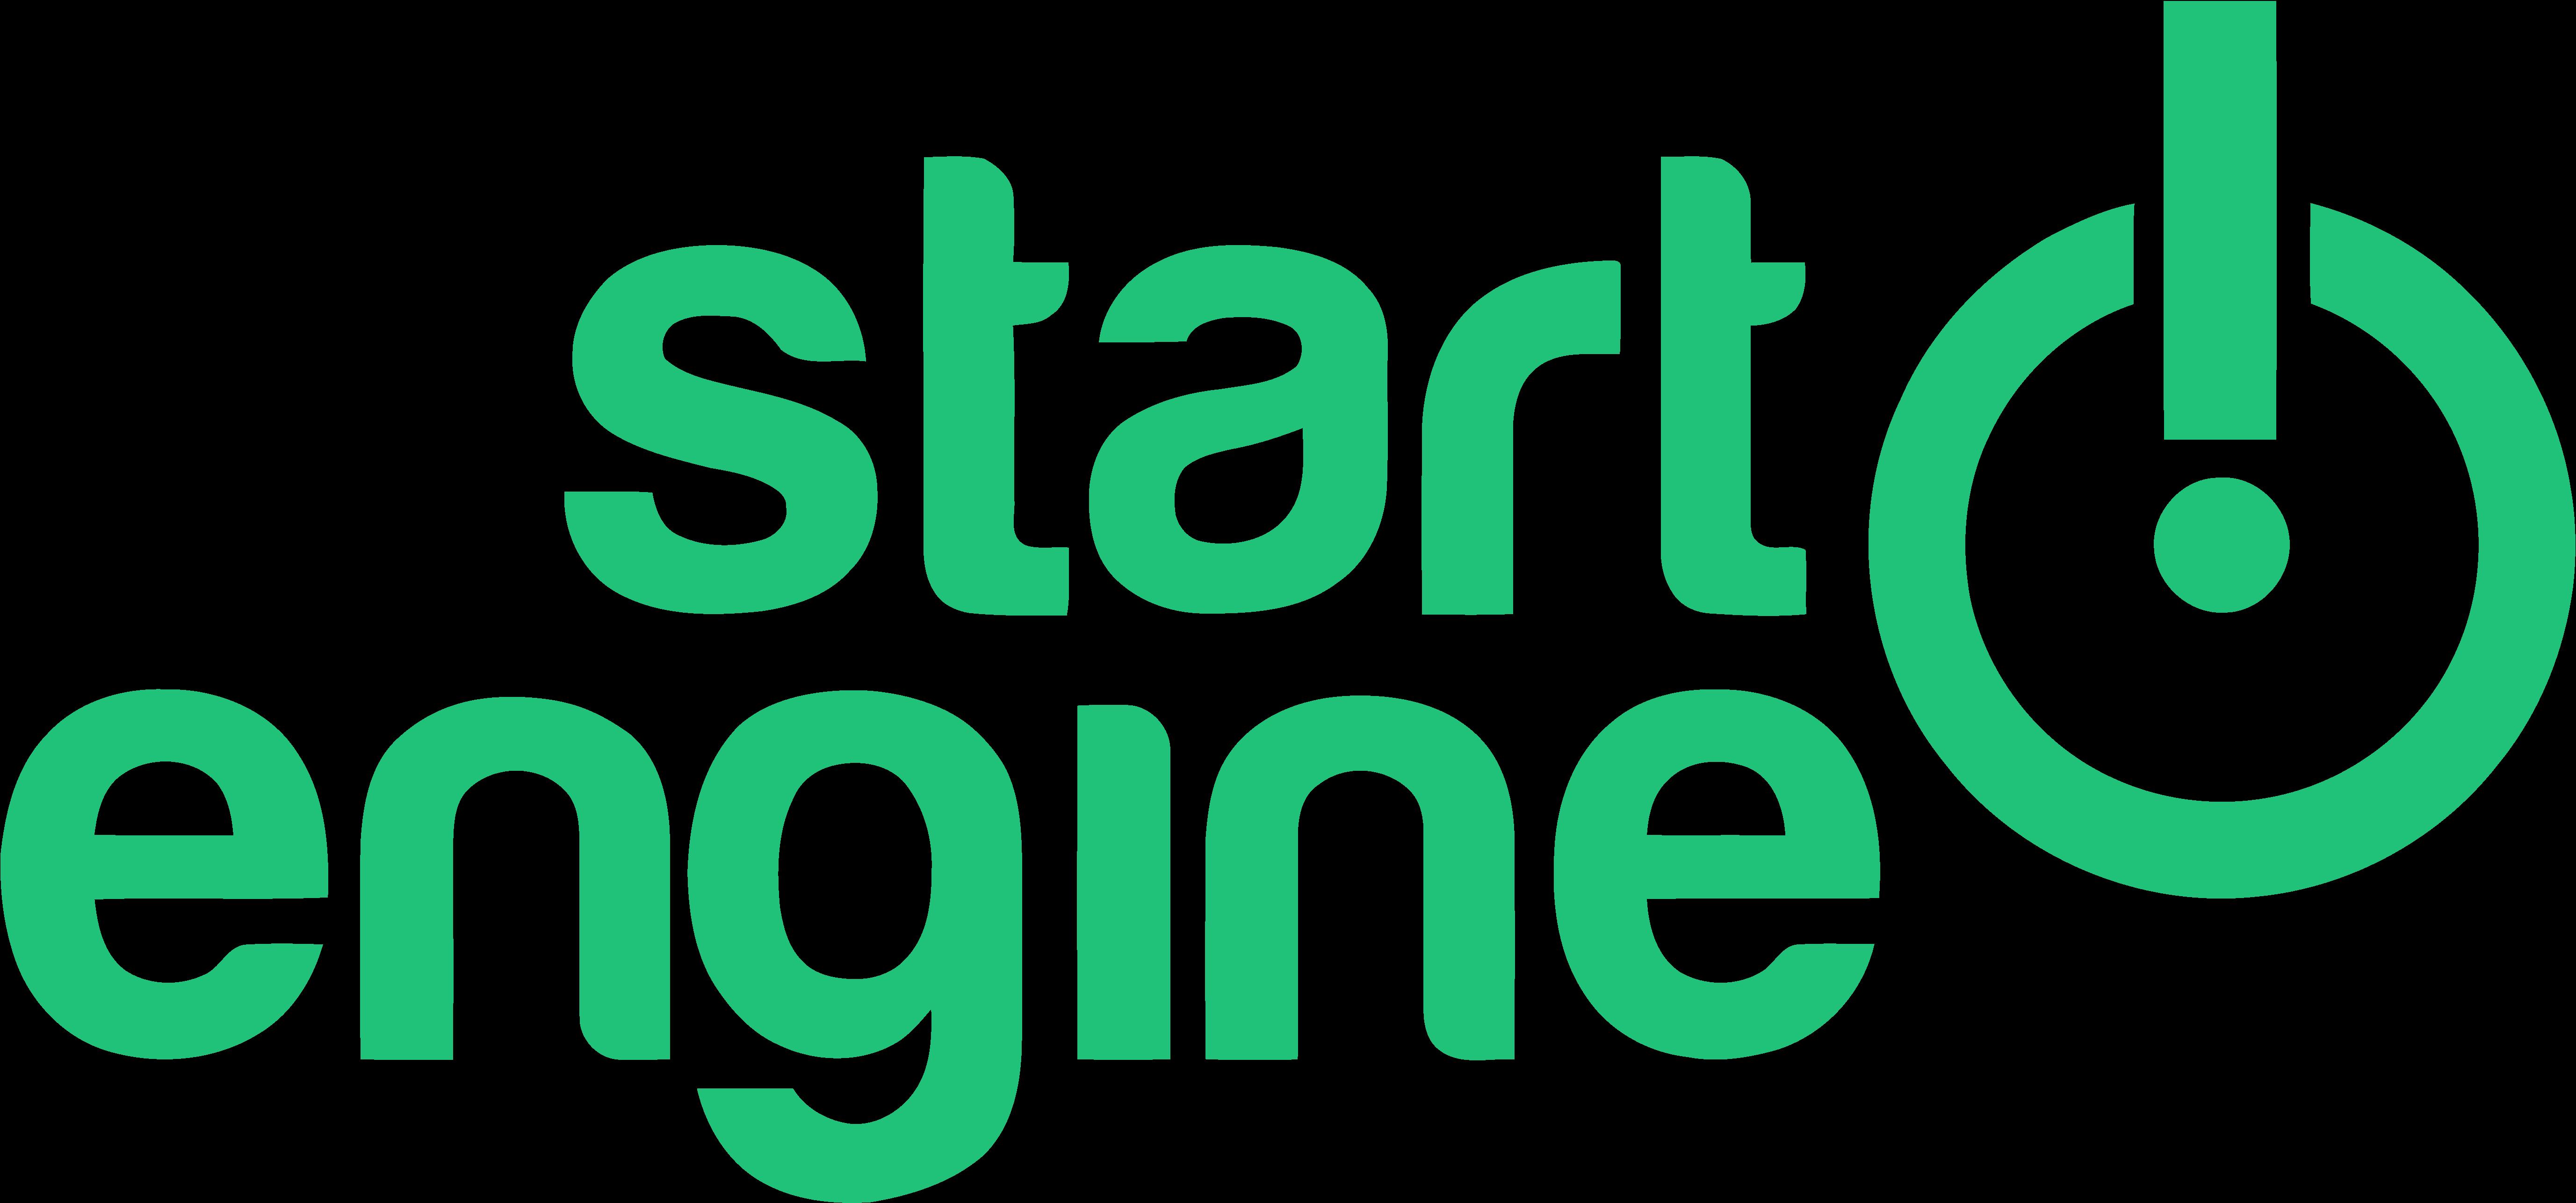 Start Engine